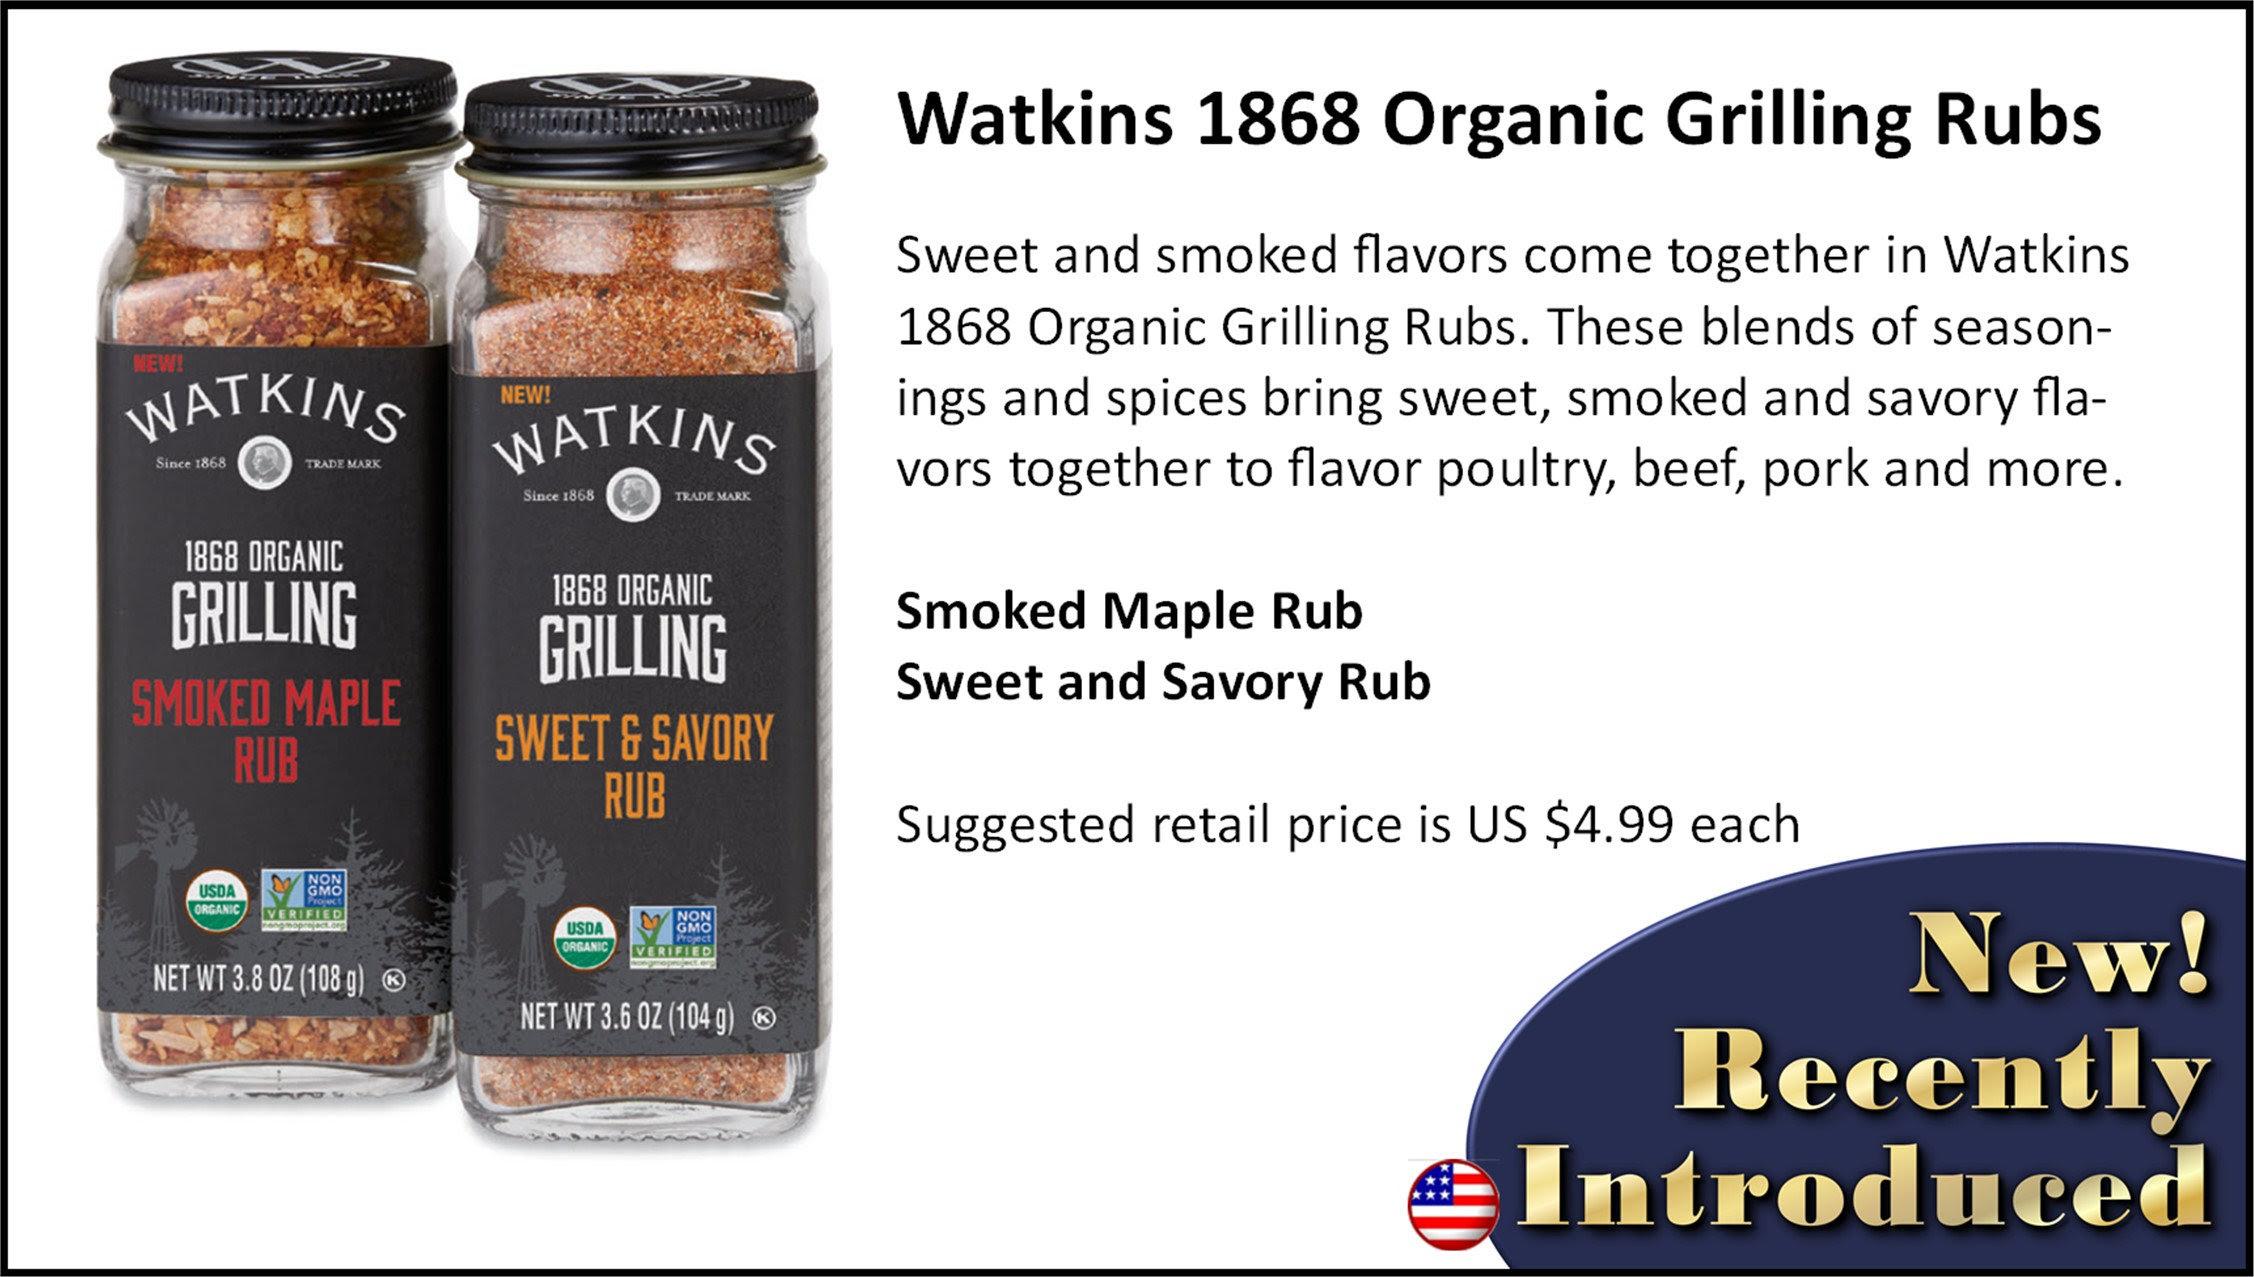 Watkins Grilling Rubs